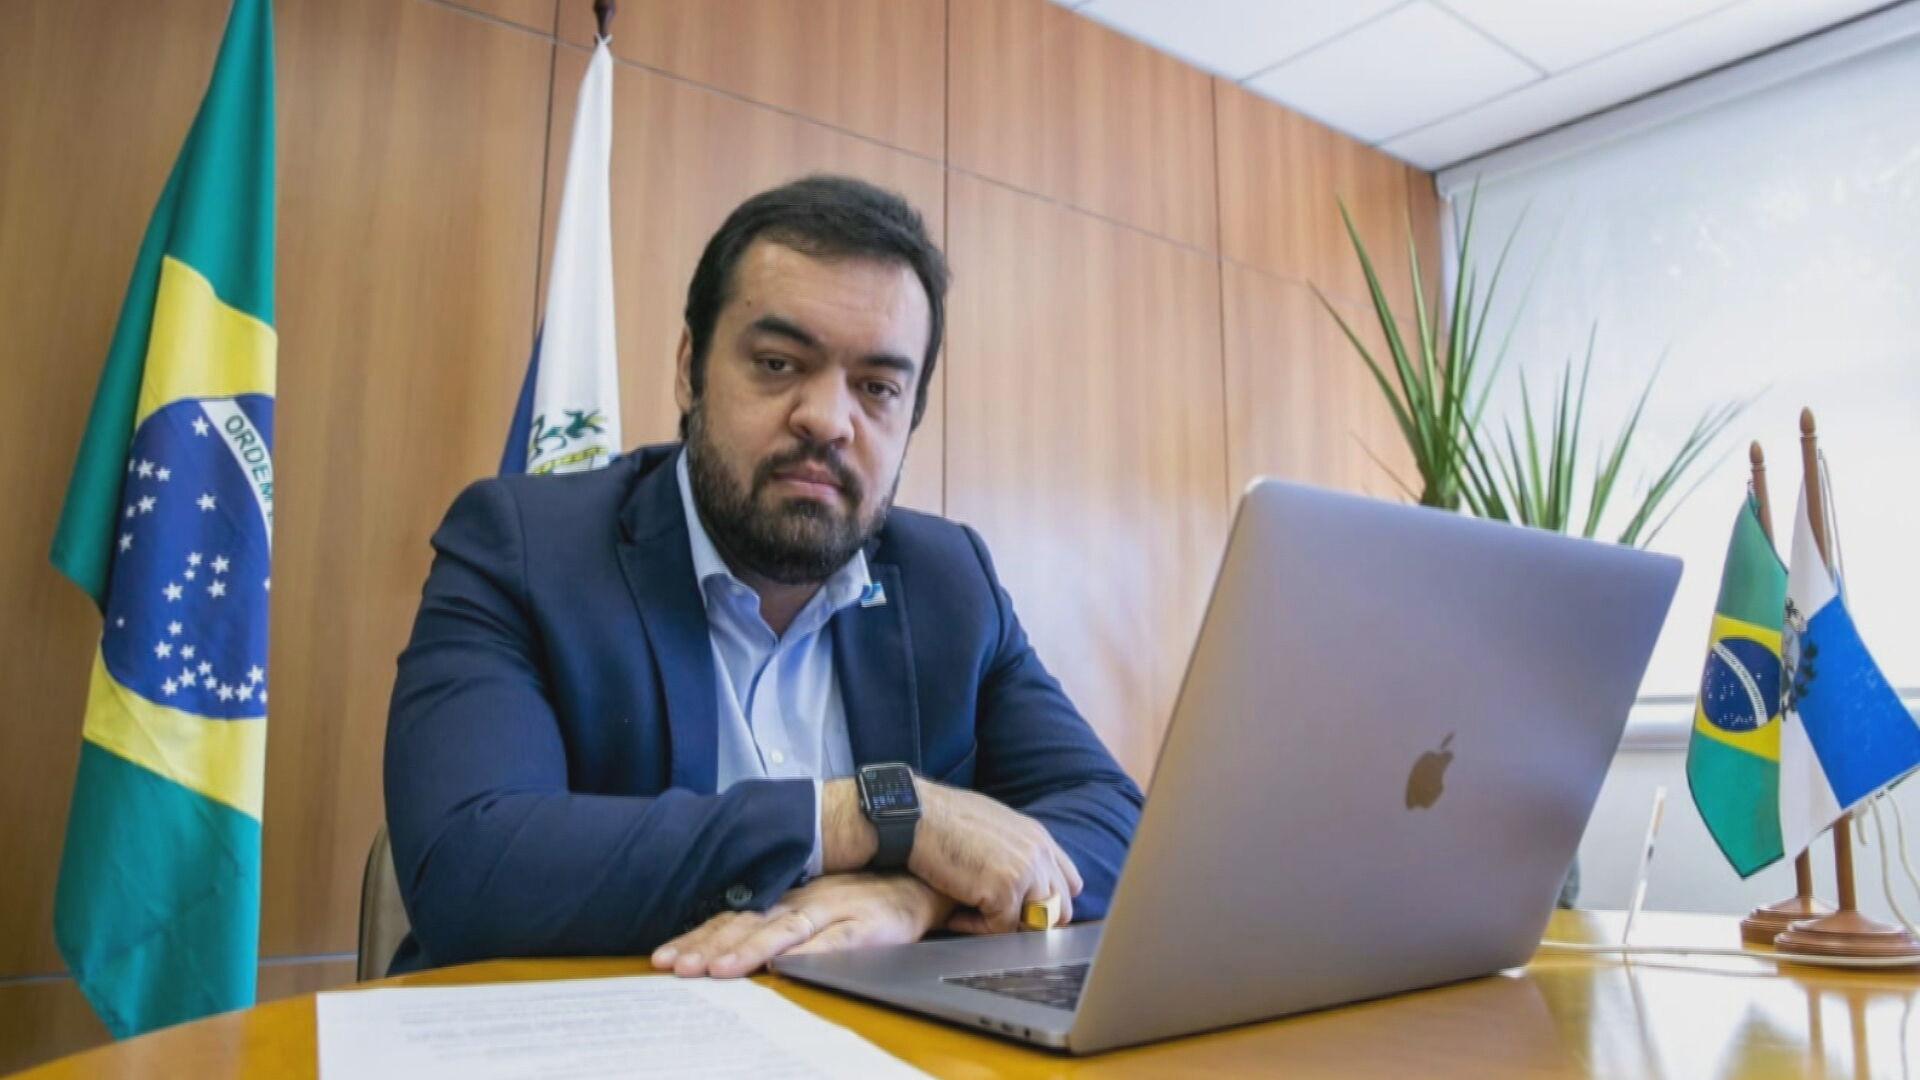 O governador em exercício Cláudio Castro, que assumiu o governo do RJ